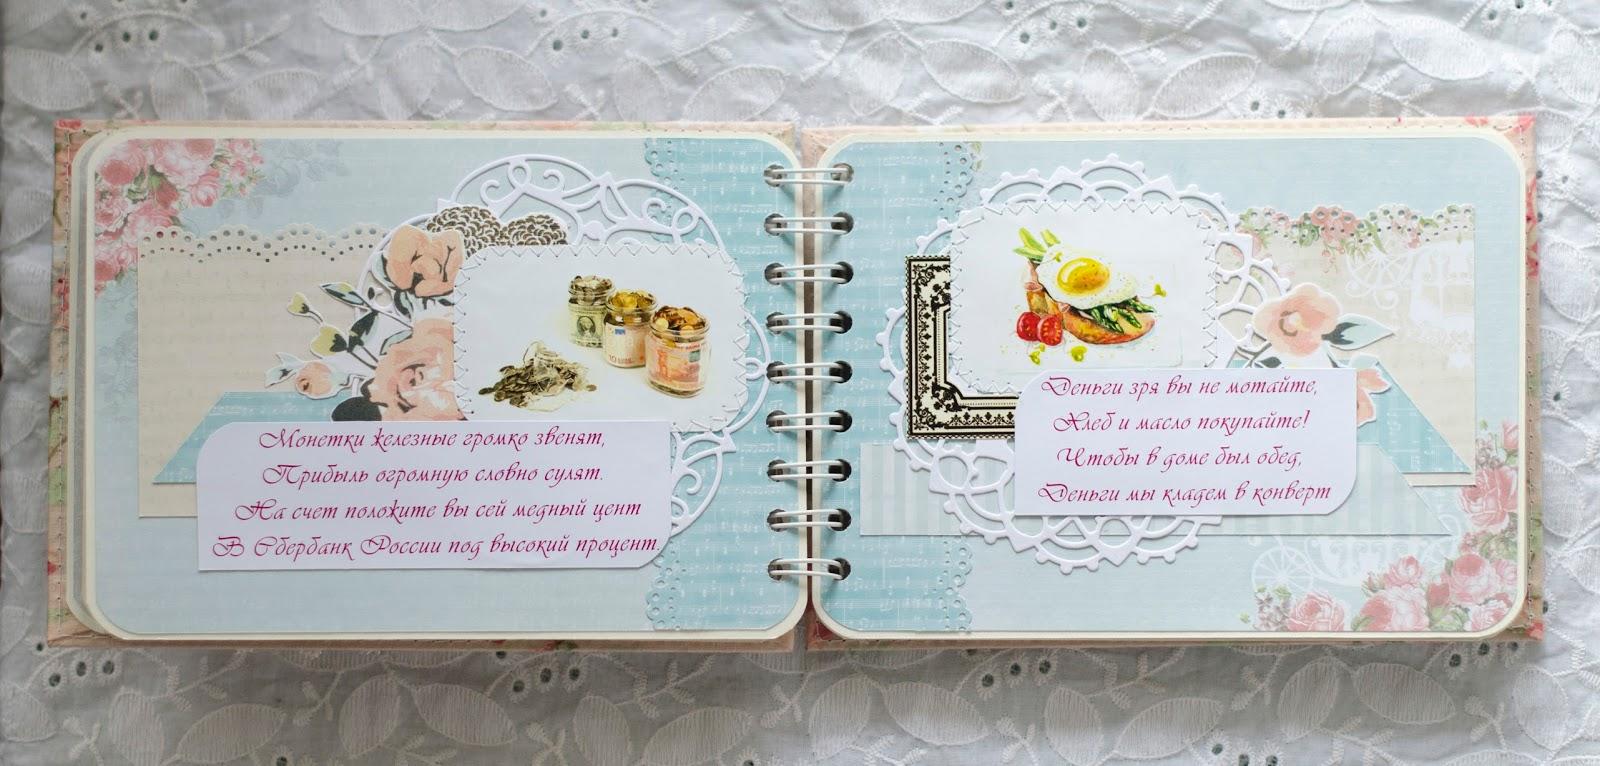 Оригинальные и прикольные подарки на свадьбу молодоженам 13